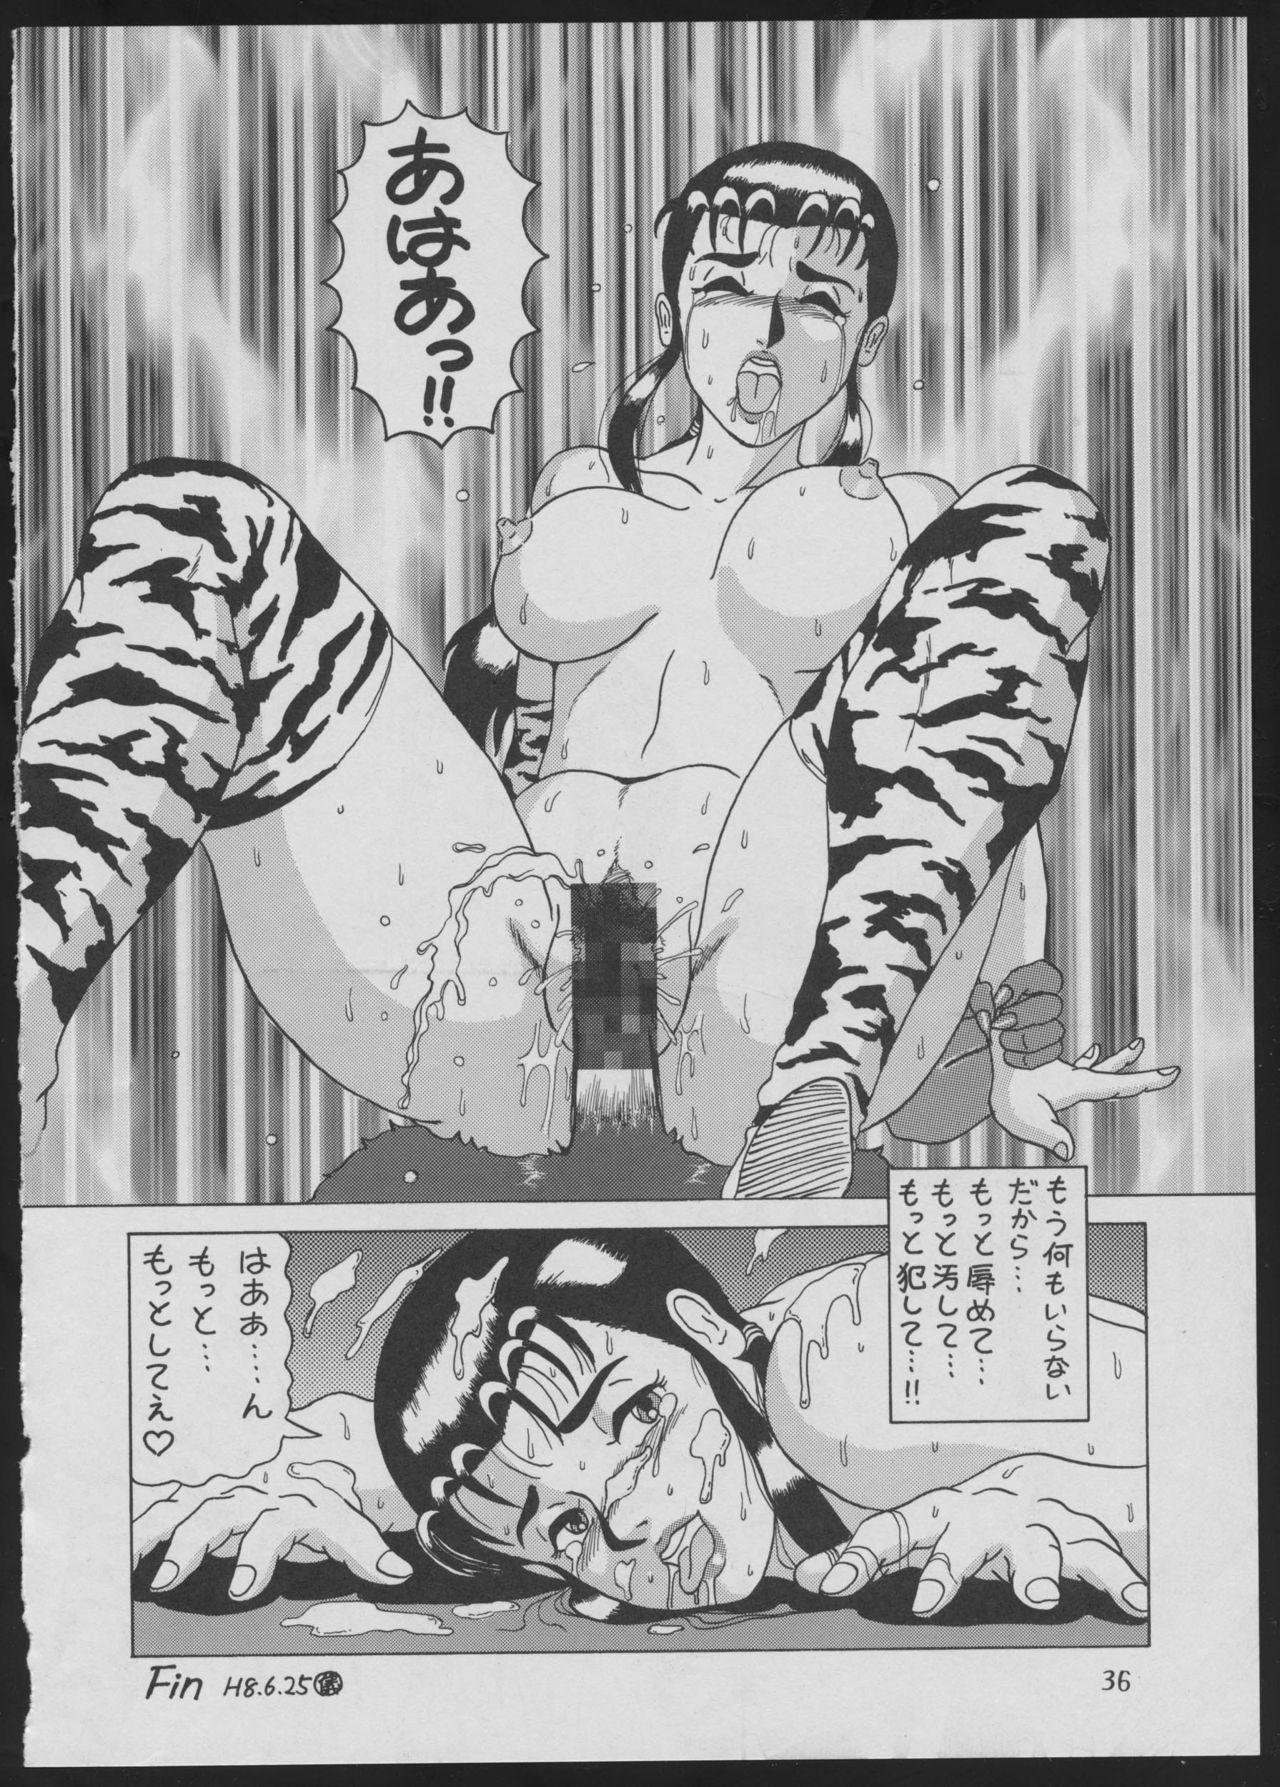 '96 Natsu no Game 18-kin Special 35